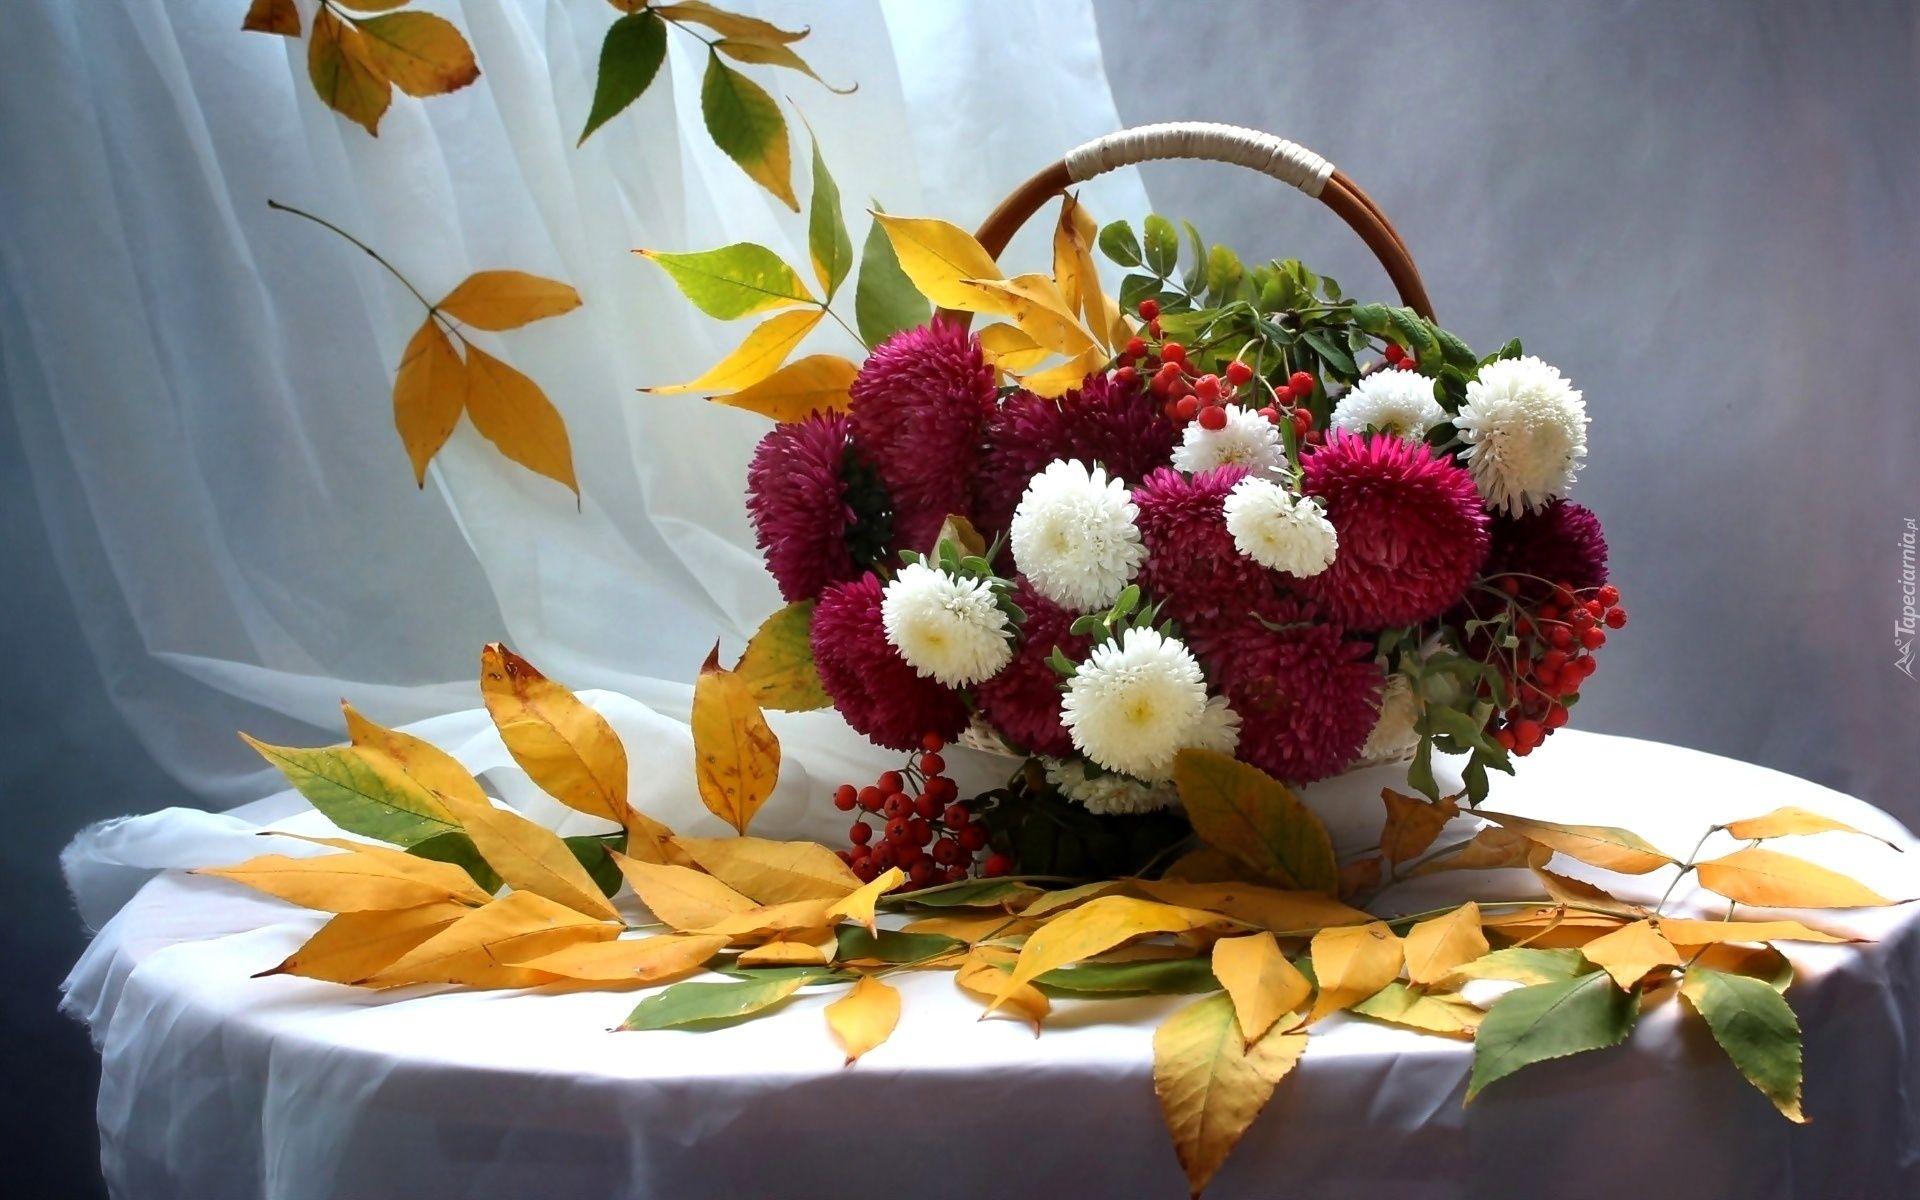 Stol Kosz Kwiaty Astry Jesienne Liscie Fall Bouquets Flowers Floral Arrangements